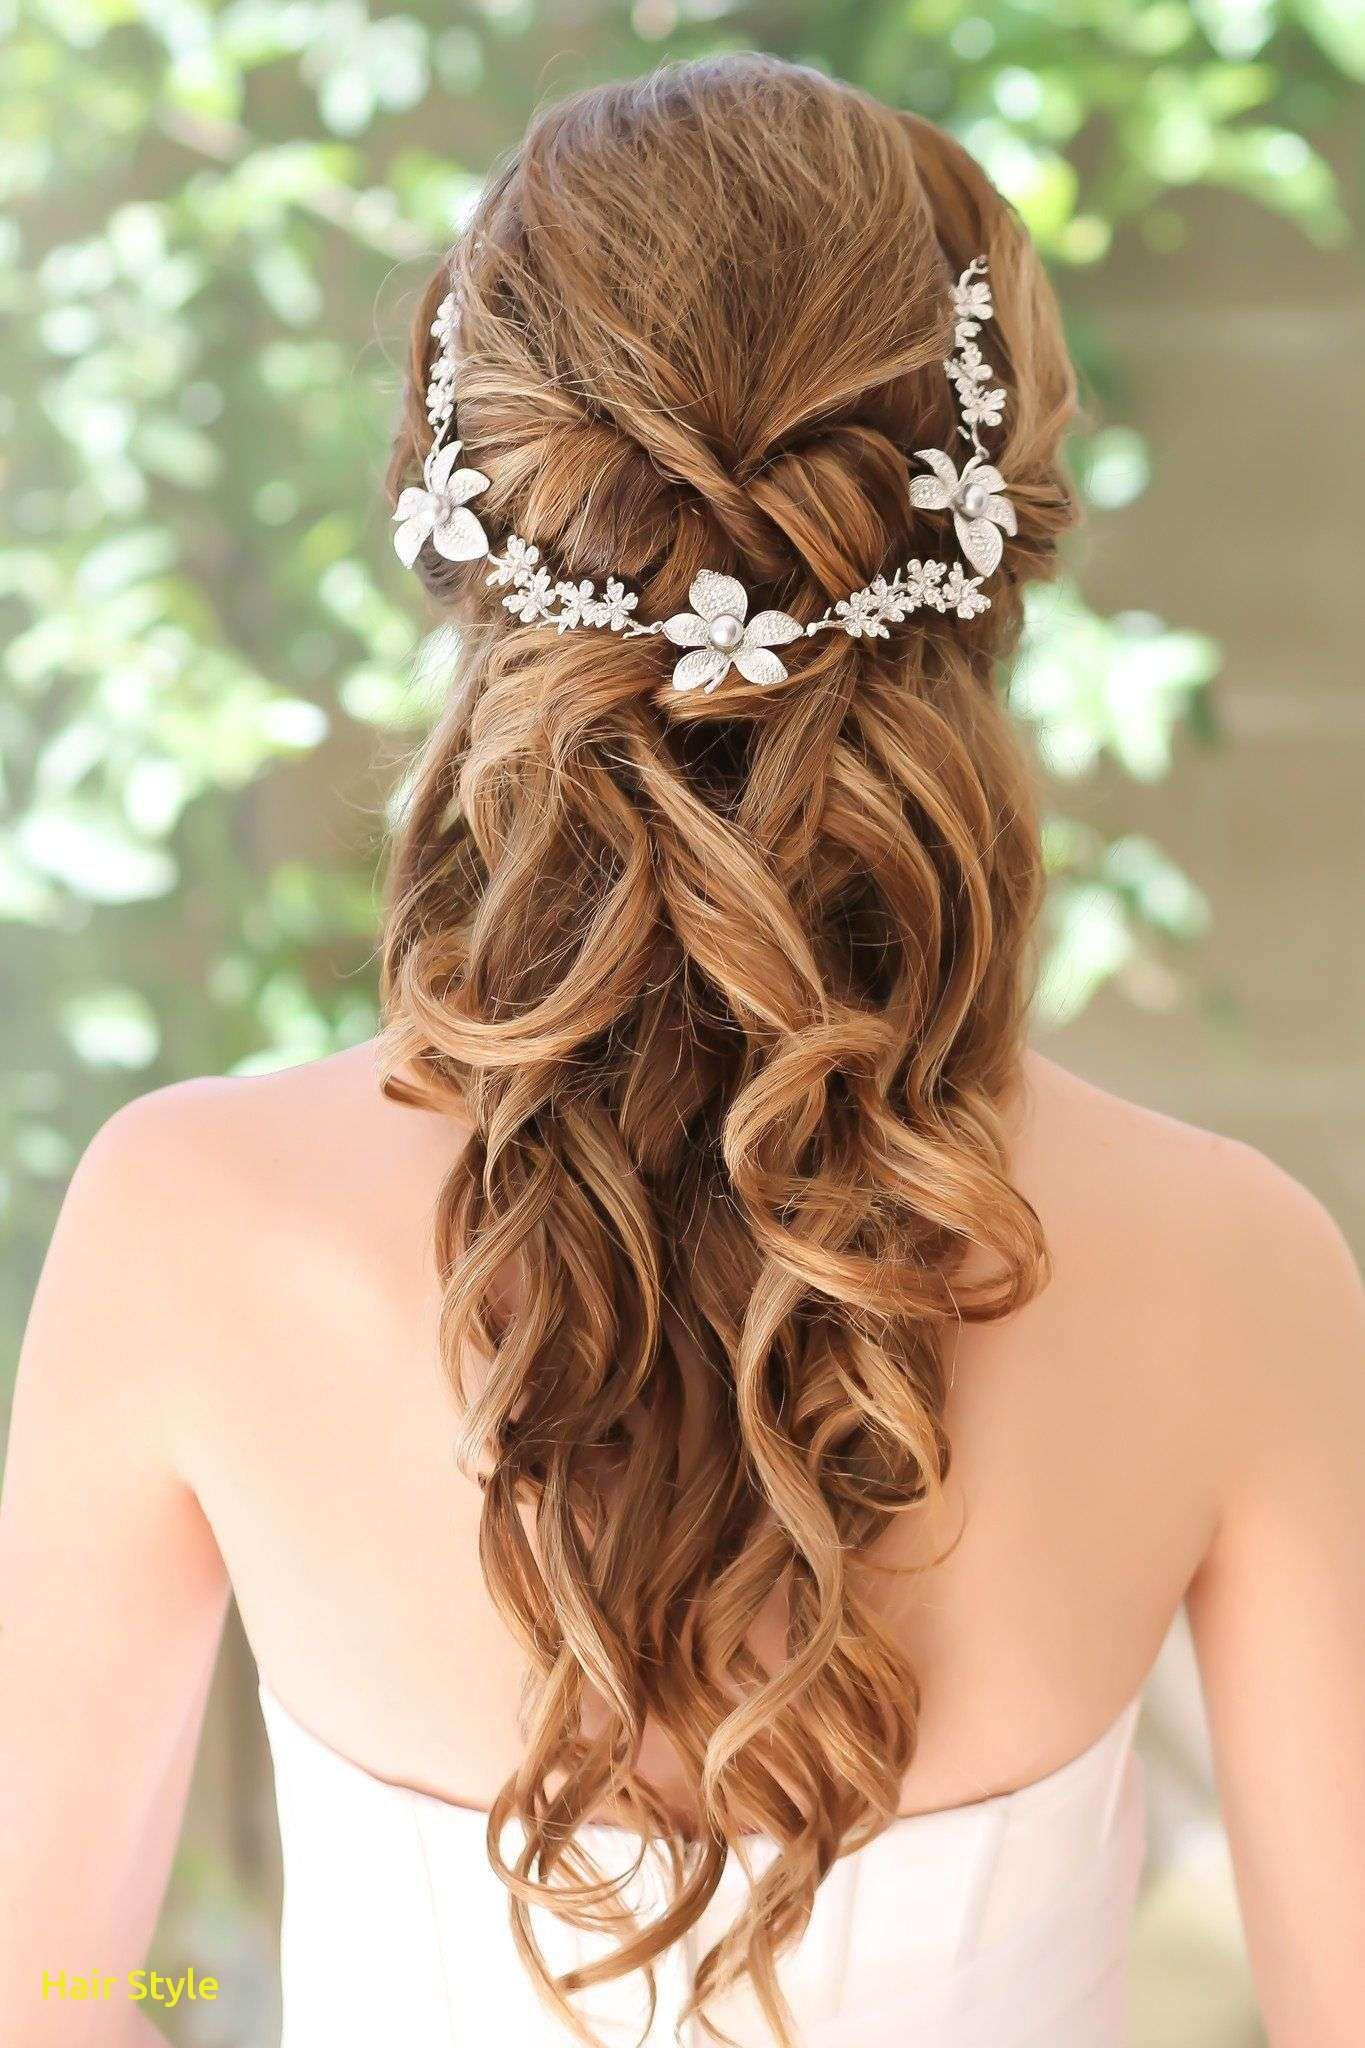 neue hochzeit haarschmuck für kurze haare | beautiful long